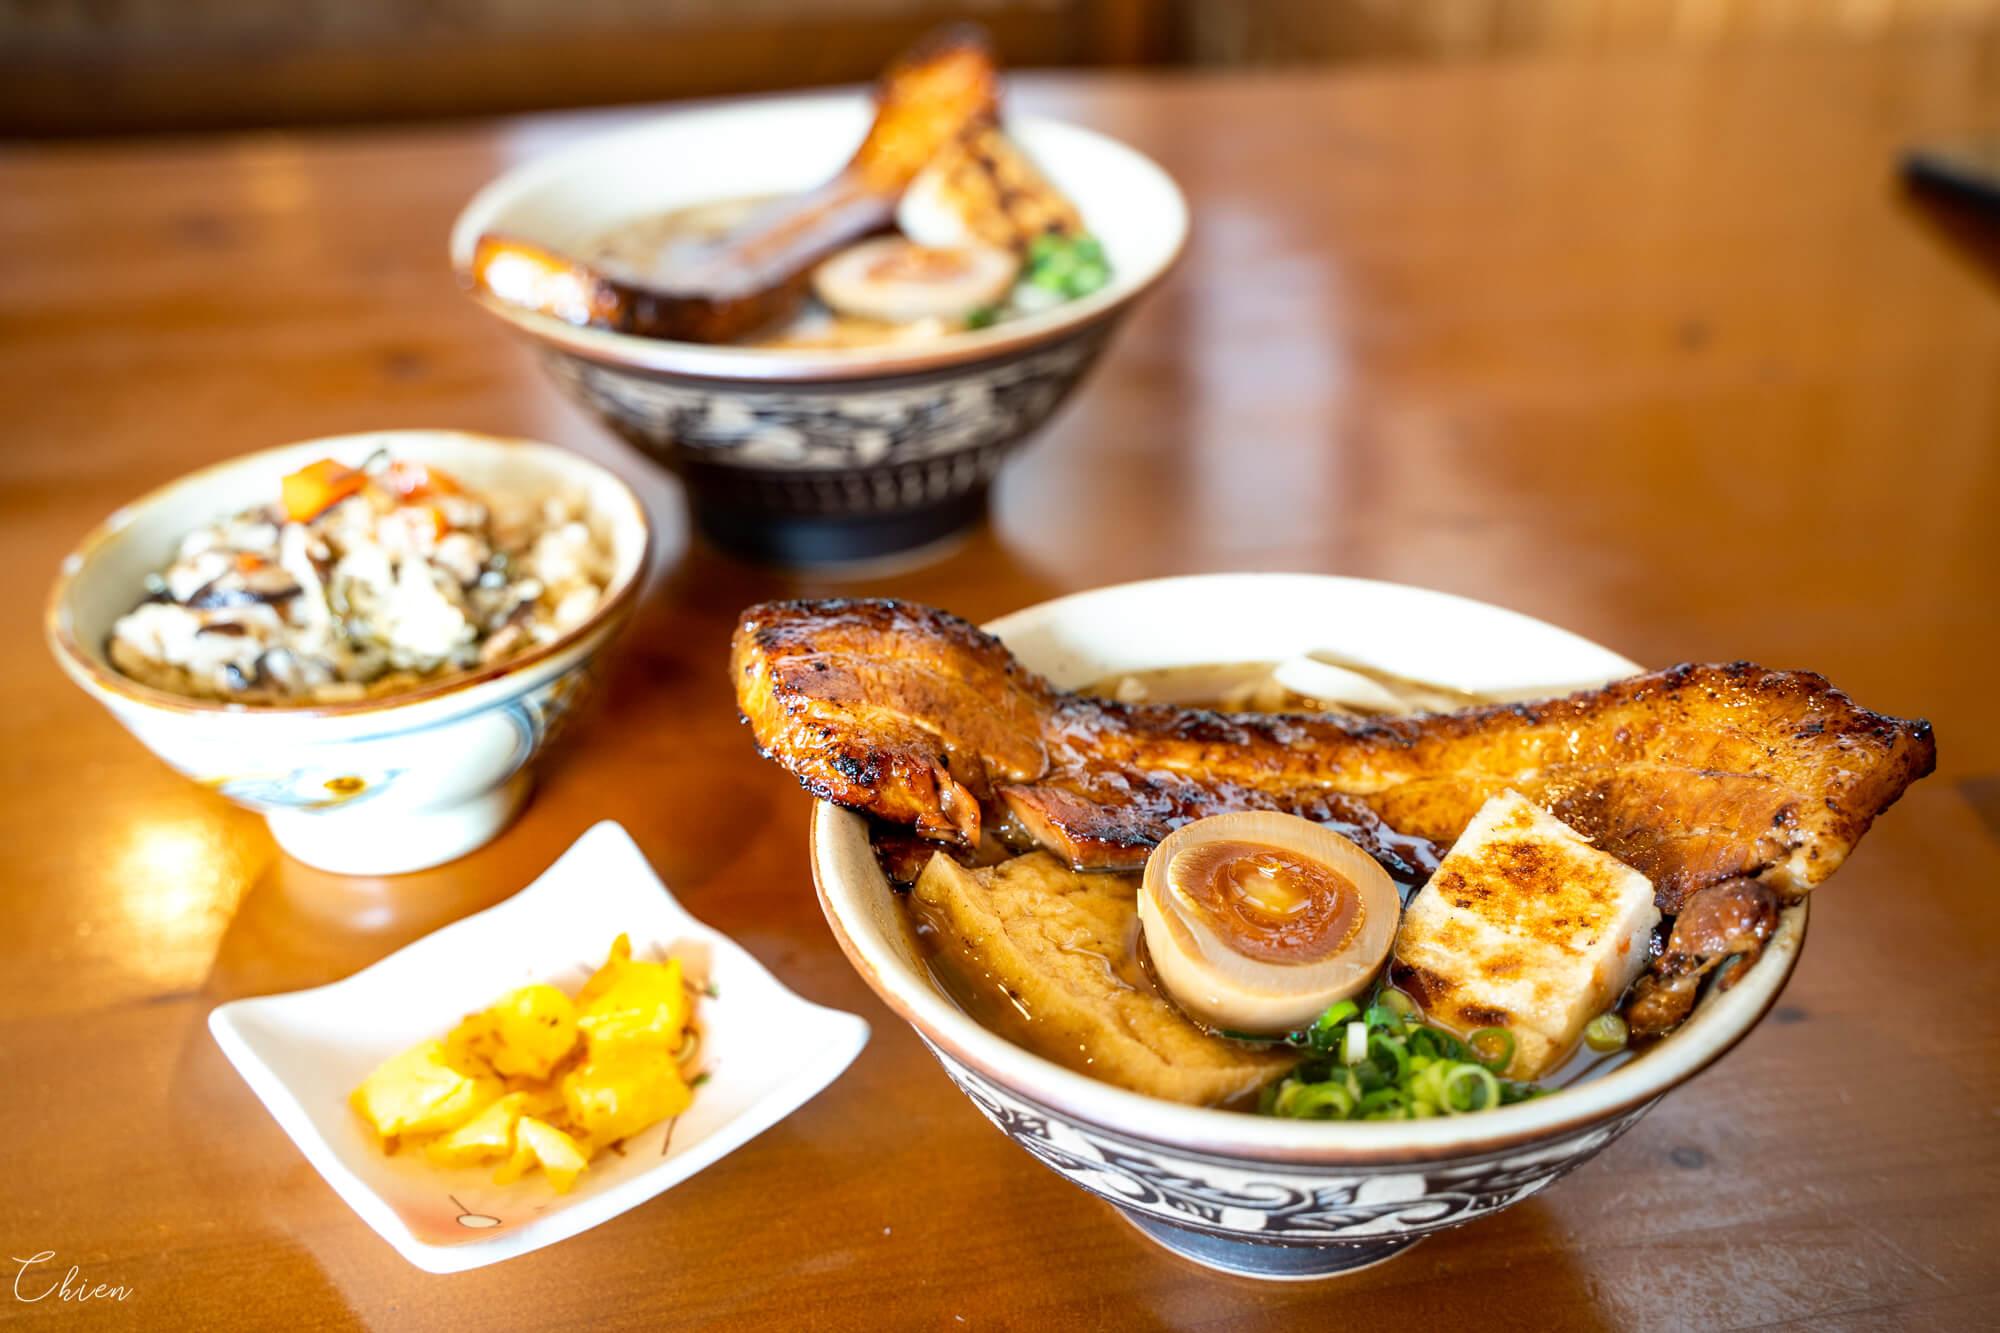 沖繩北部 島豚家叉燒沖繩麵